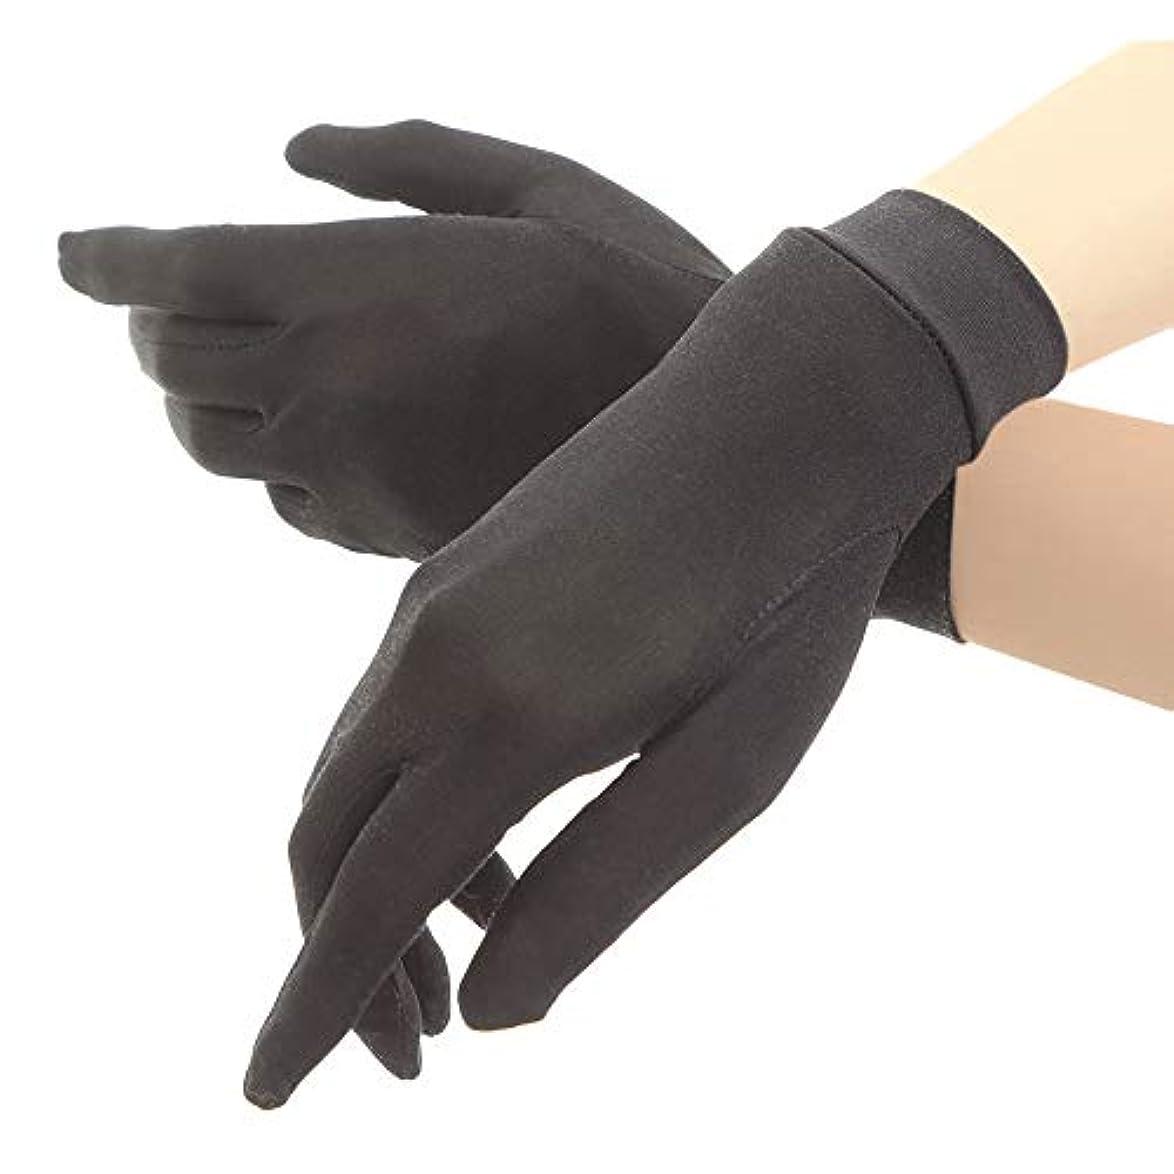 極貧理想的趣味シルク手袋 レディース 手袋 シルク 絹 ハンド ケア 保湿 紫外線 肌荒れ 乾燥 サイズアップで手指にマッチ 【macch】